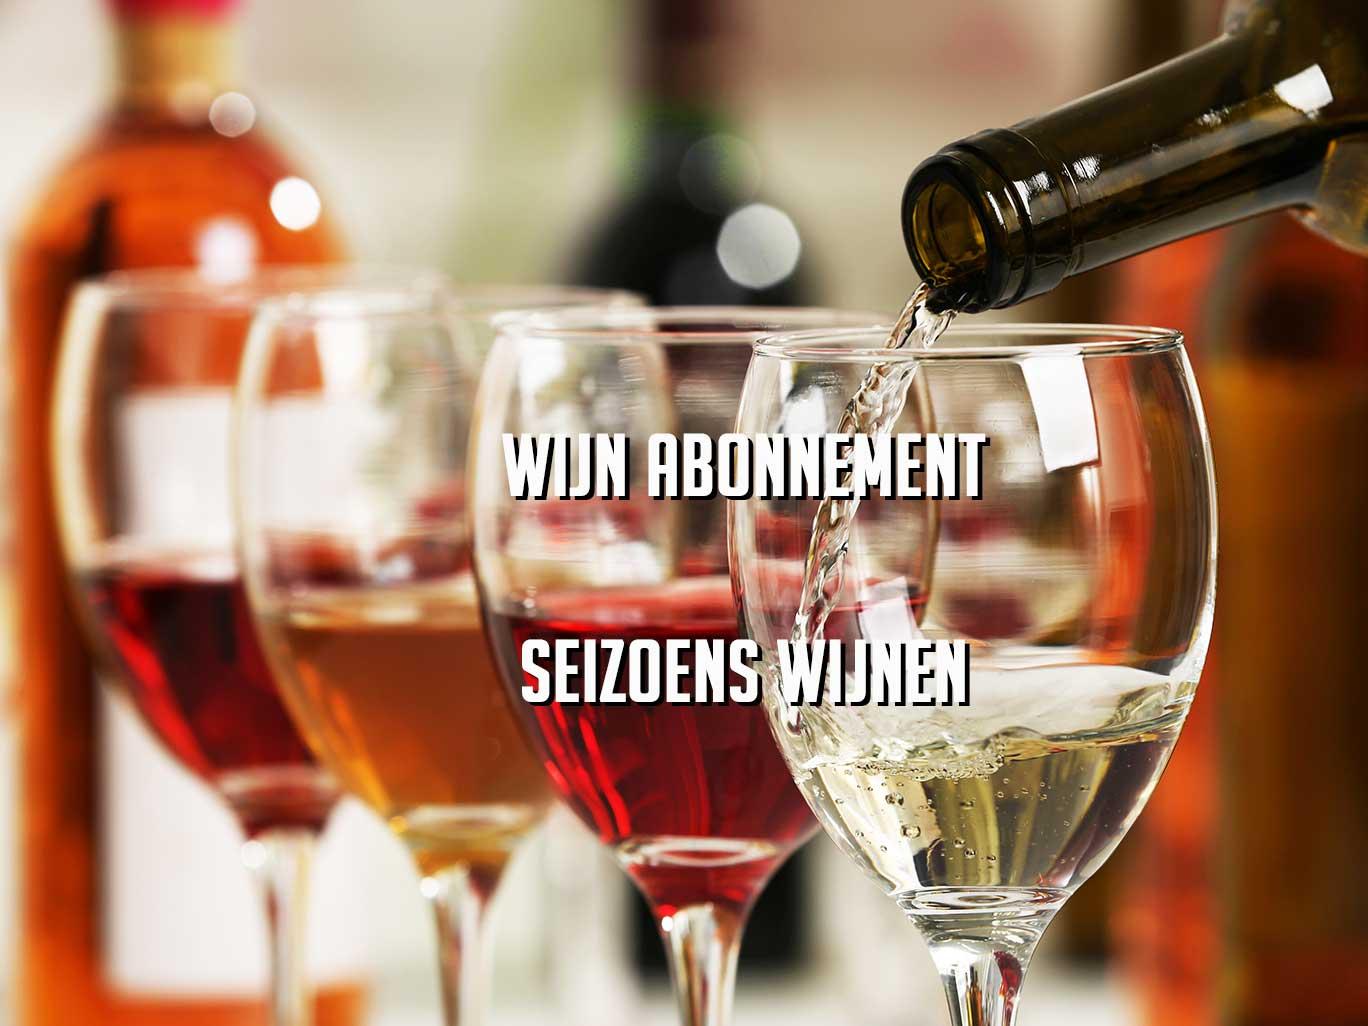 seizoen wijn abonnement - wijnabonnementen.nl